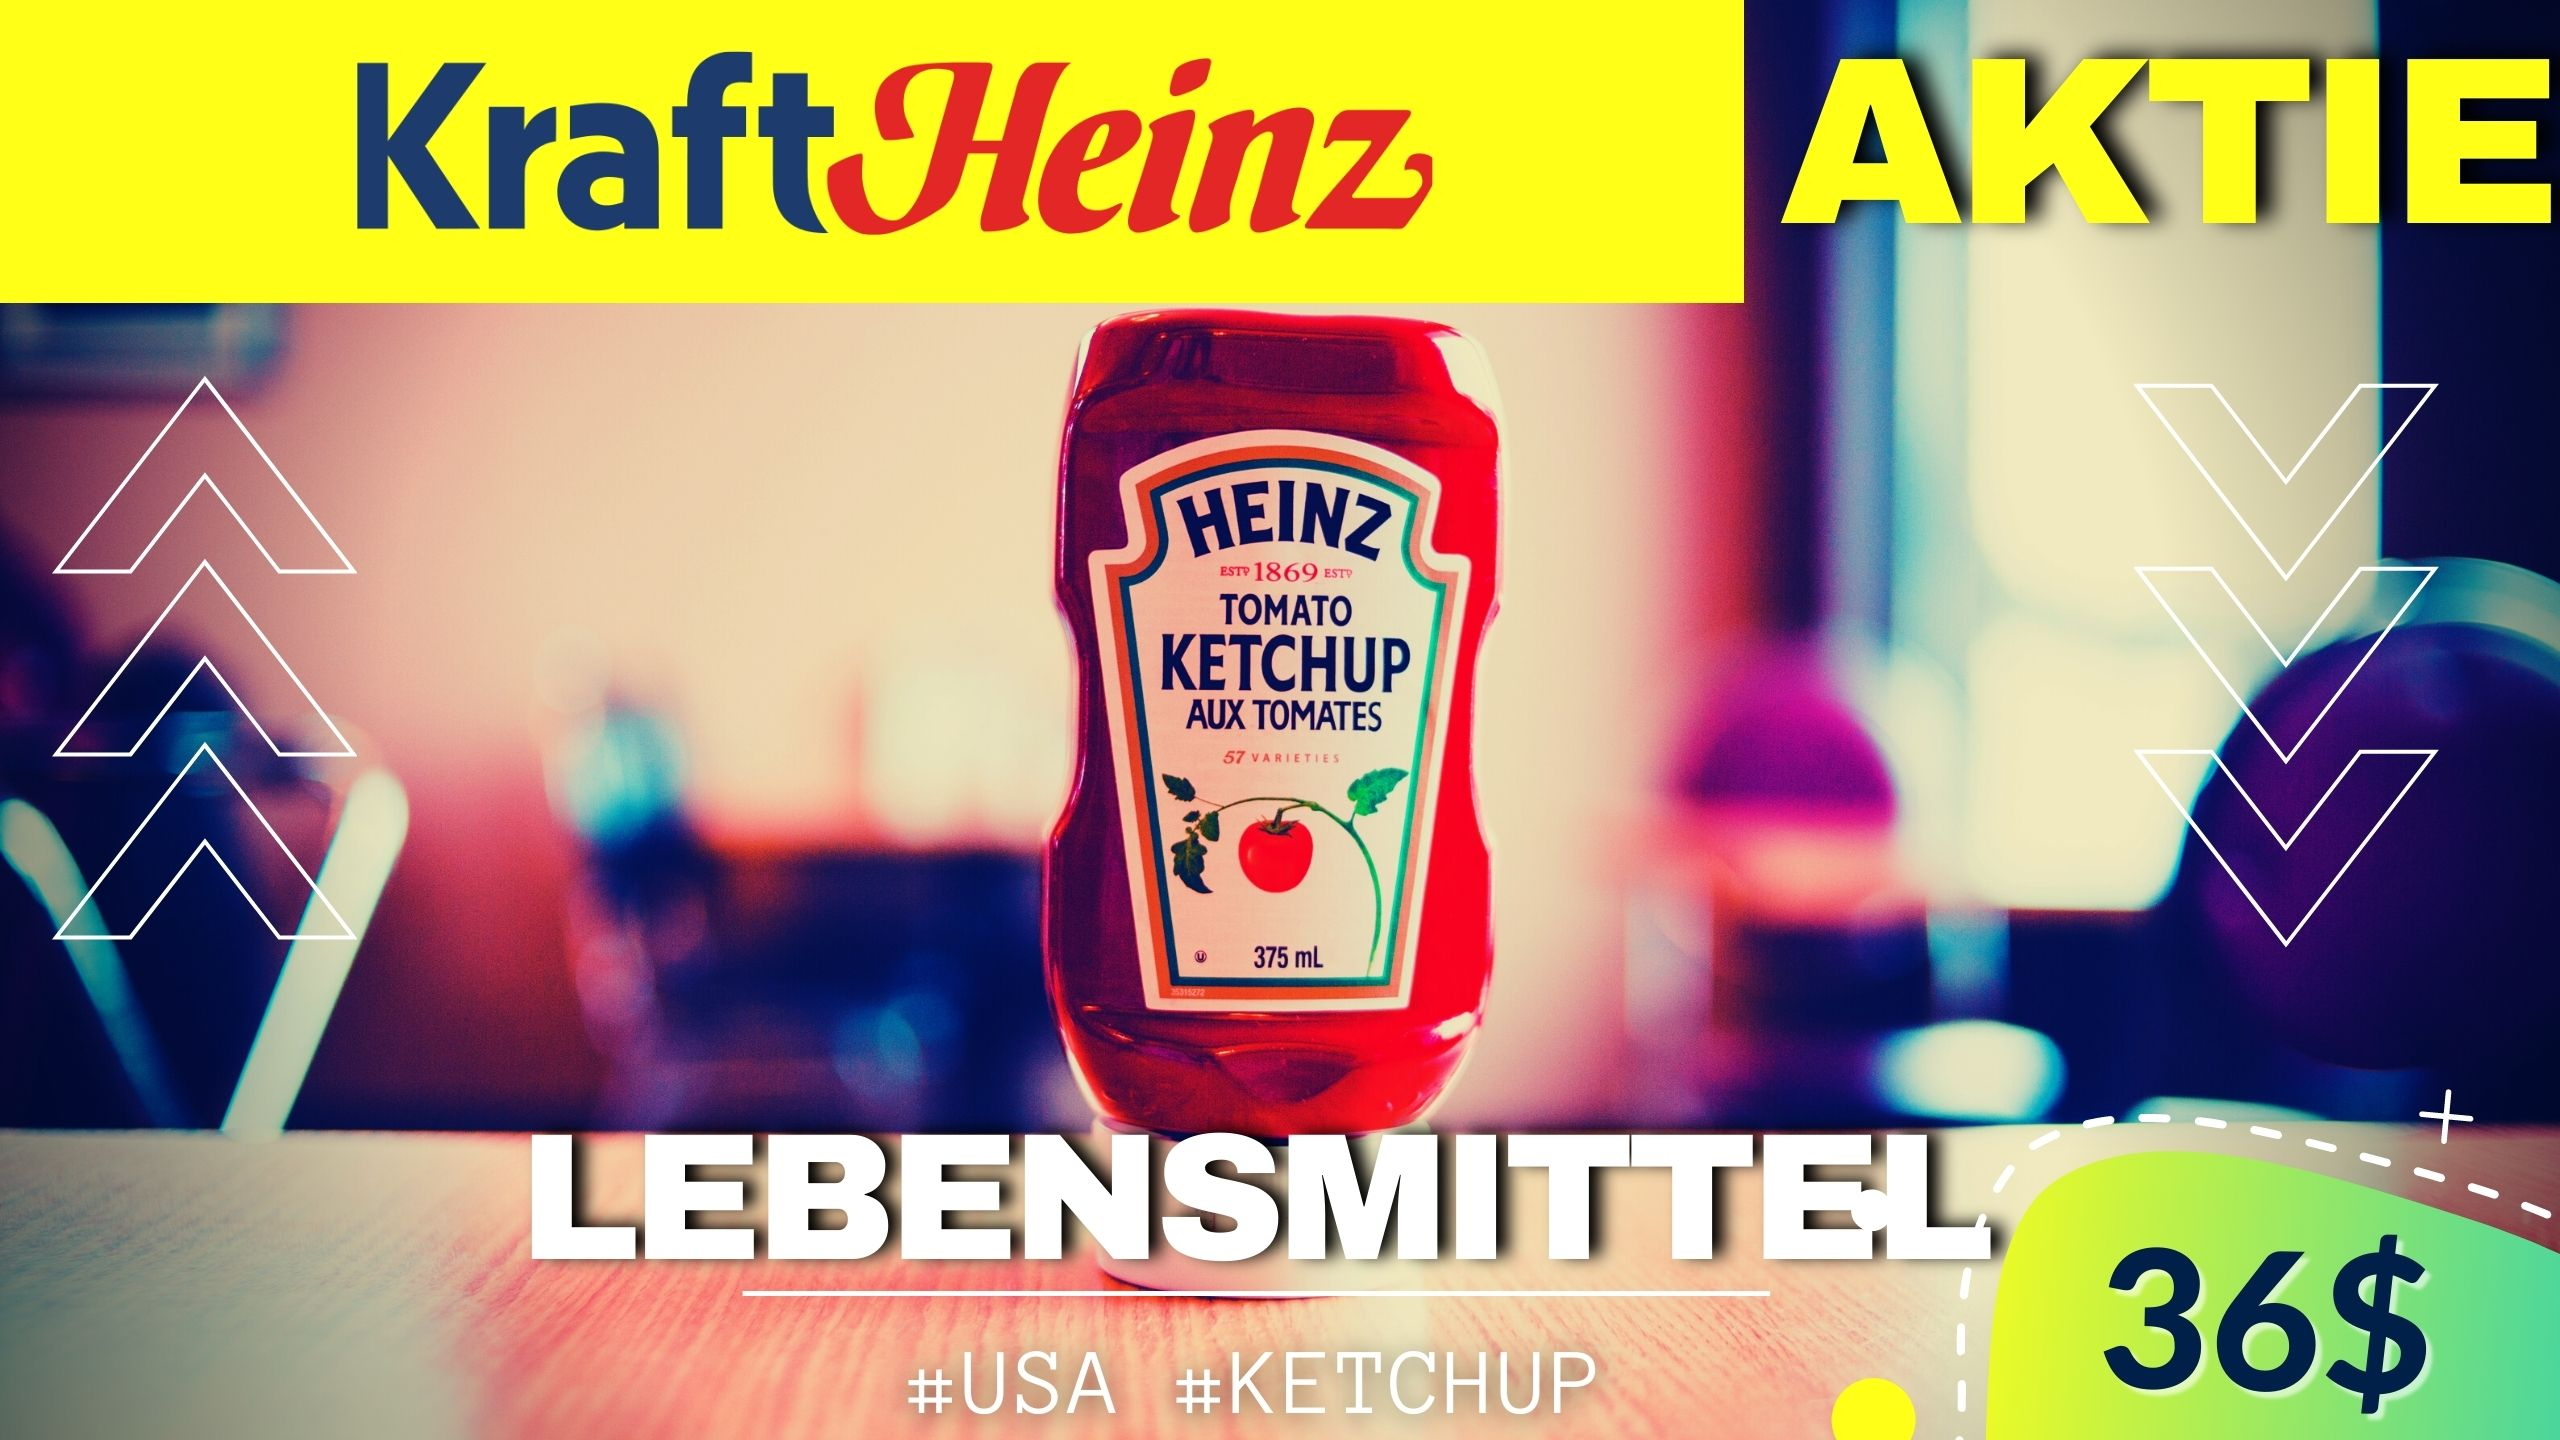 Kraft Heinz Aktie kaufen